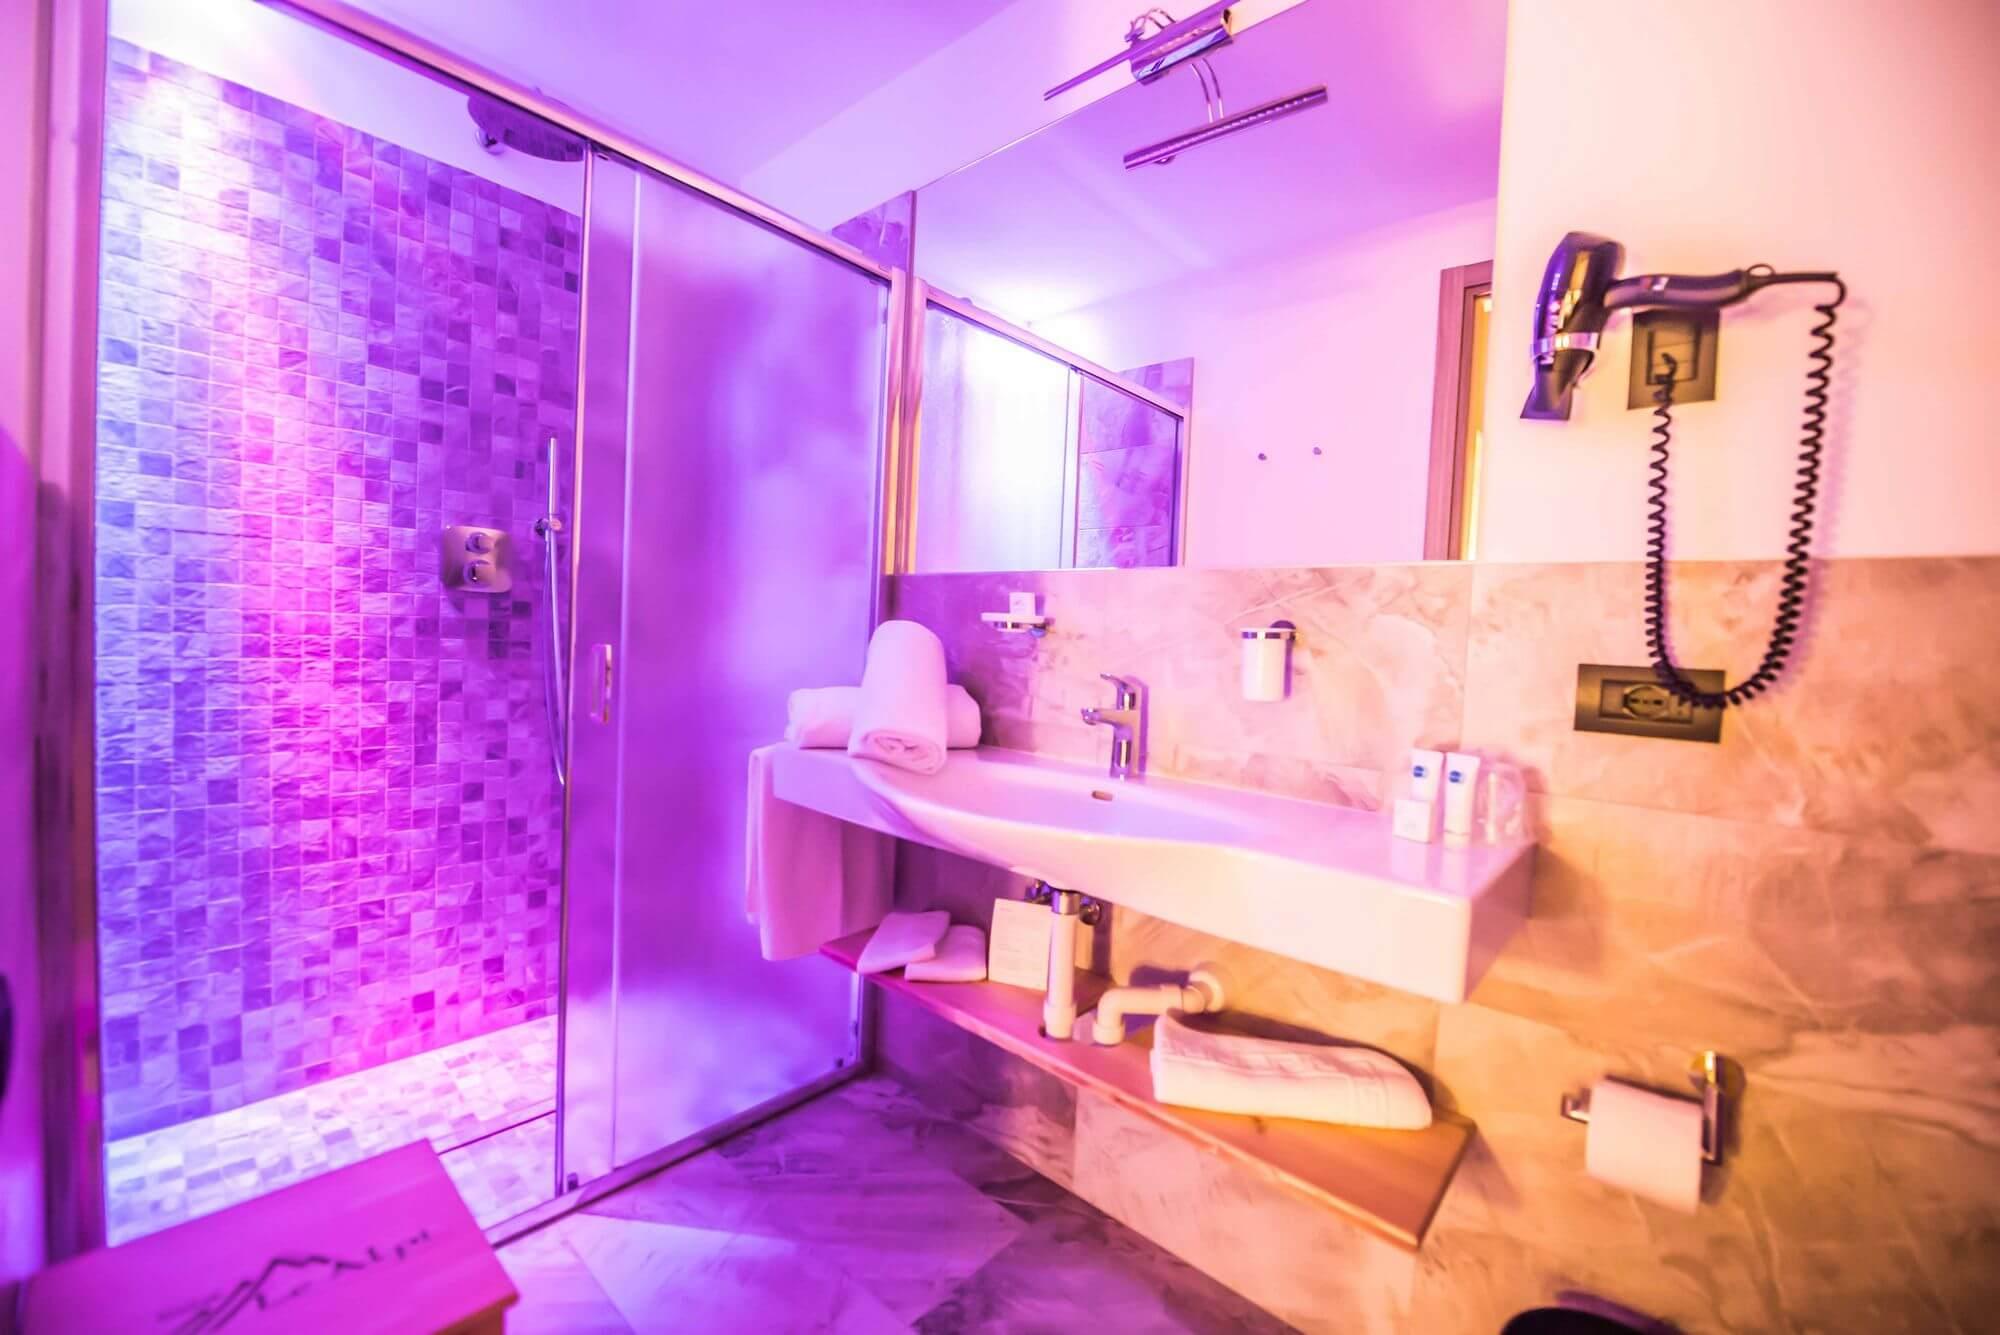 Doccia con luci colorate rilassanti: Hotel Le Alpi a Livigno